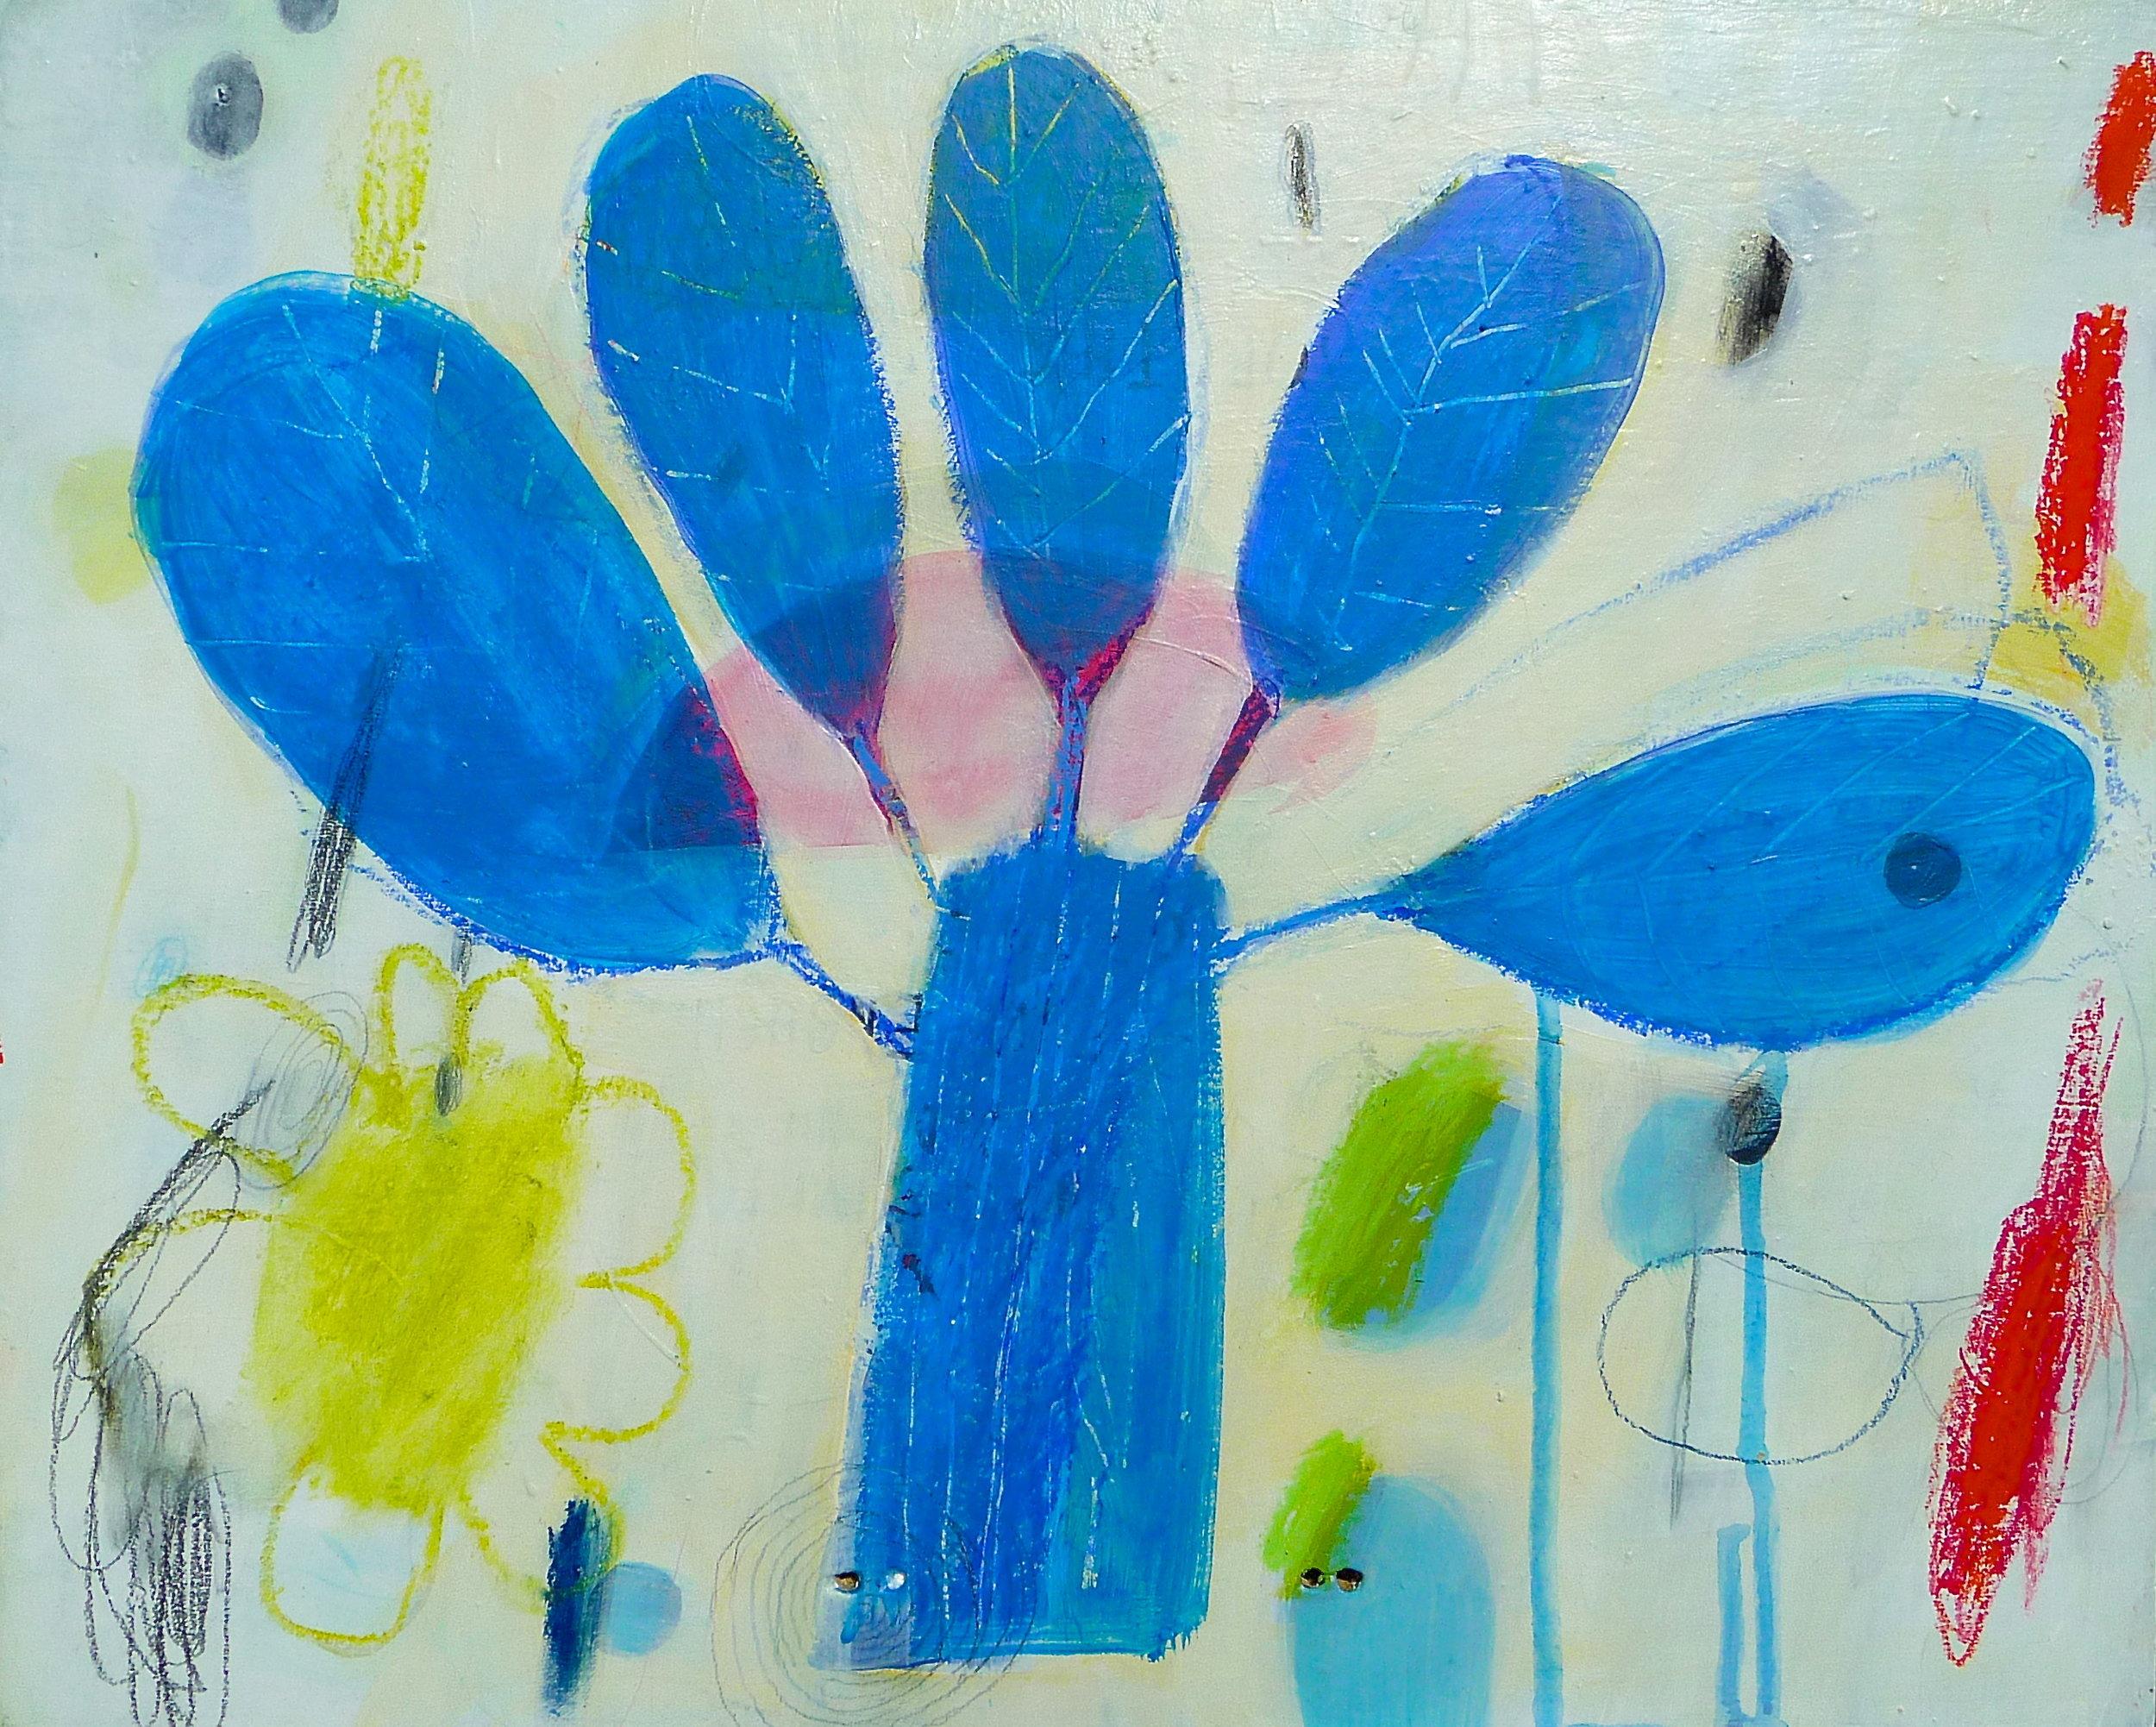 Sketch in Blue  13 x 16  $450